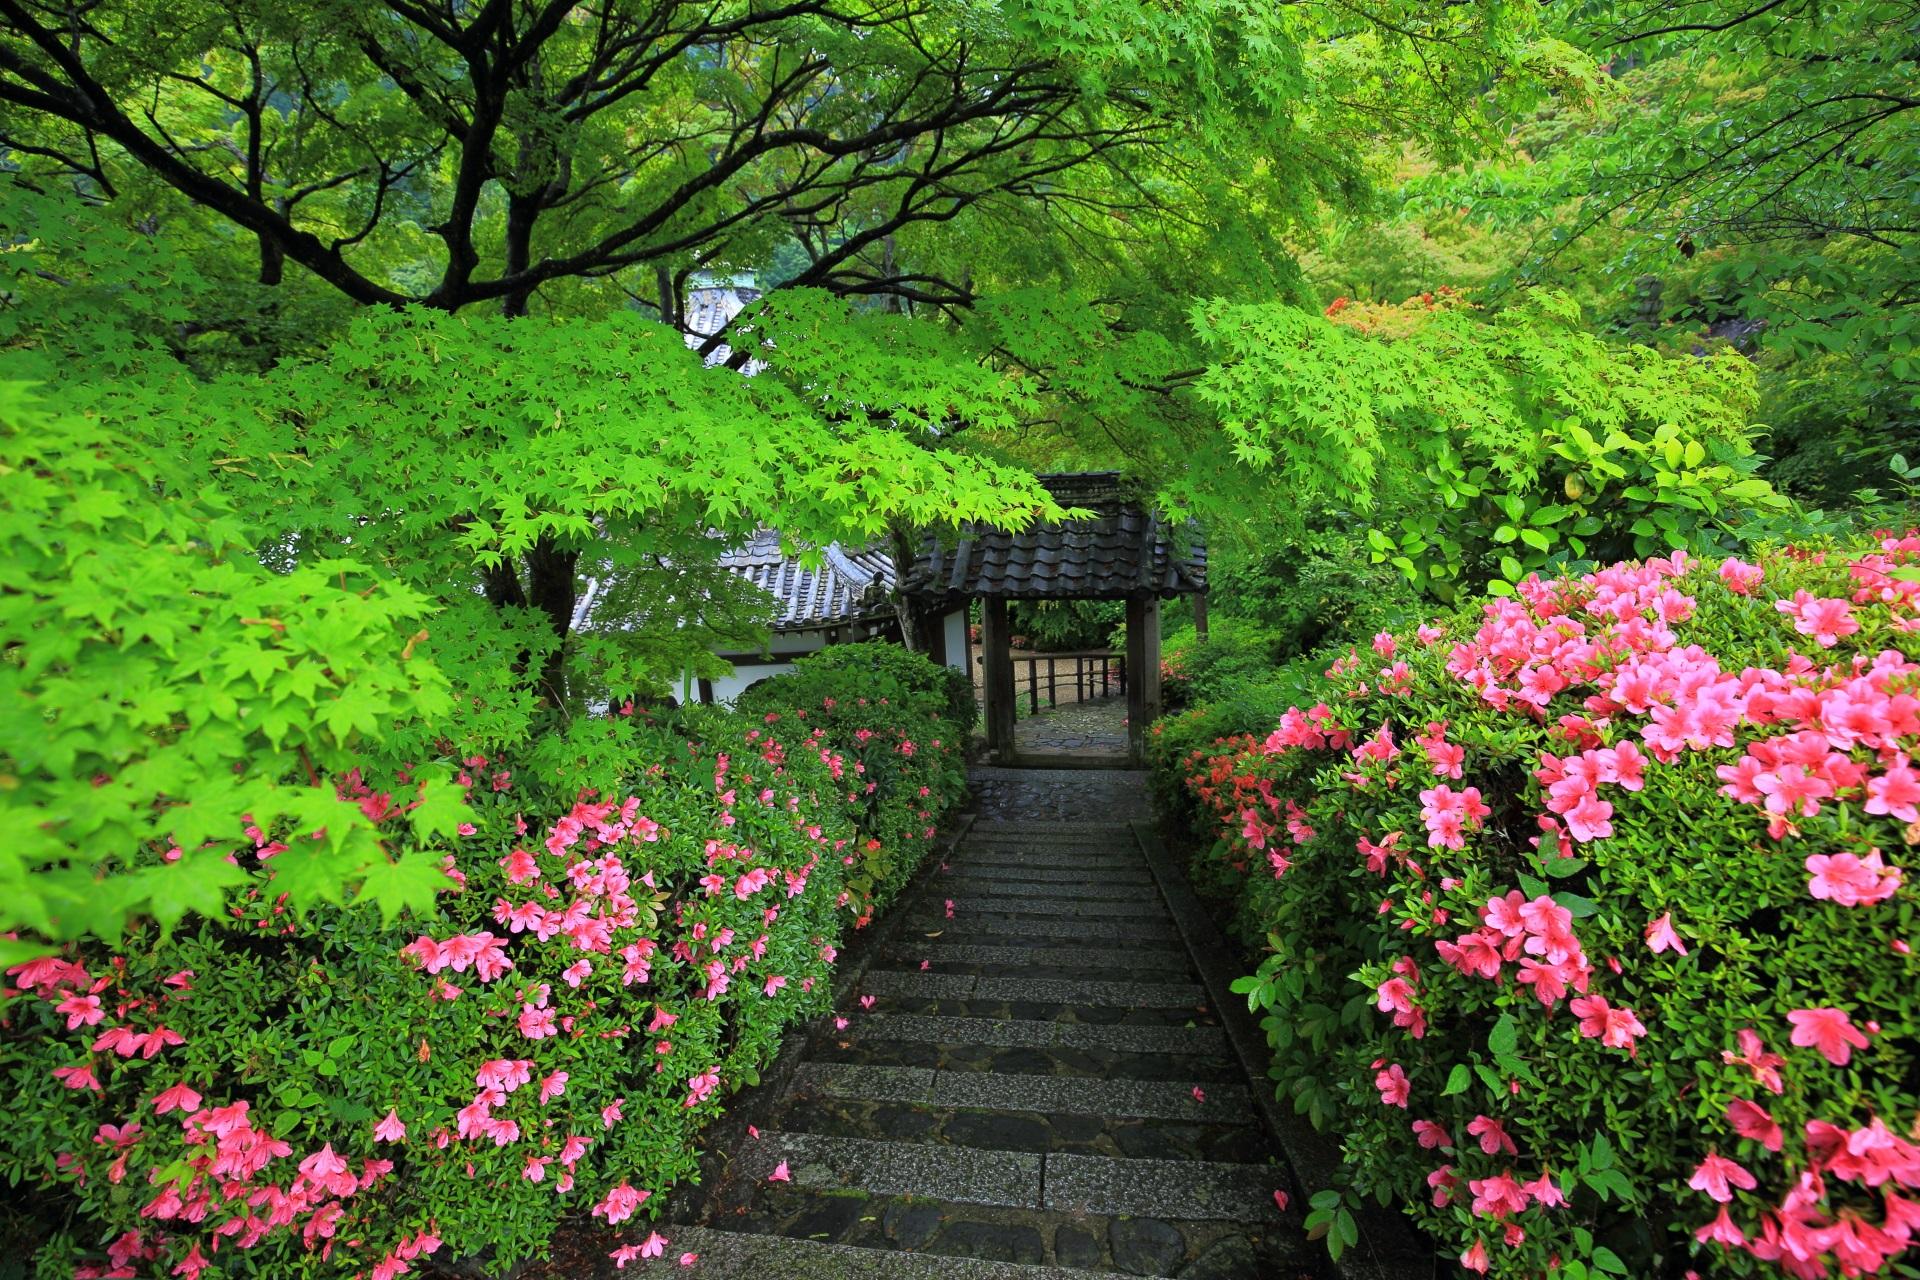 淡い緑と華やかなピンクの色合いがお見事な善峯寺の桂昌院廟前の新緑とサツキ